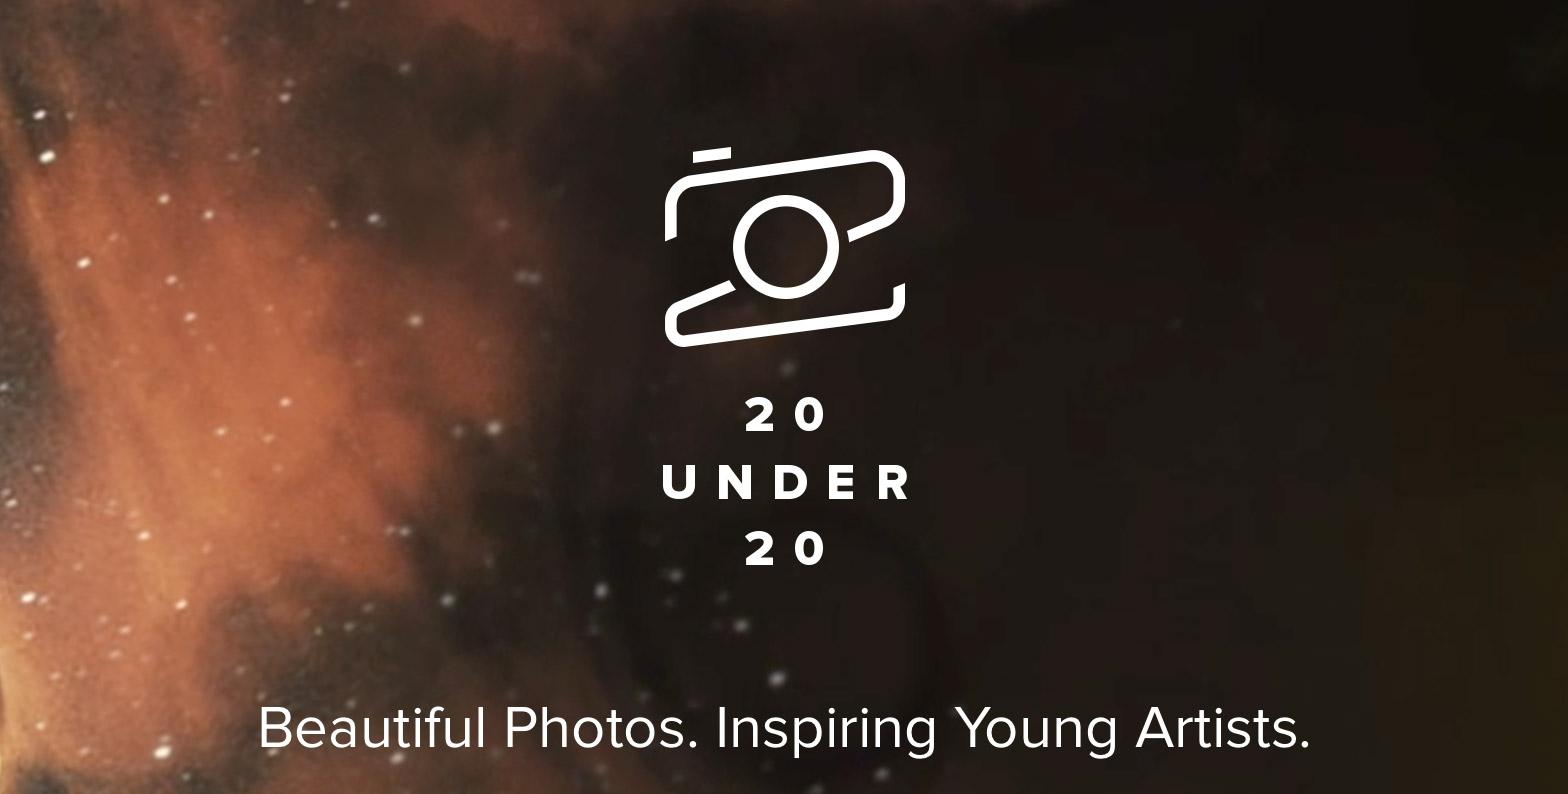 20under20 récompense les 20 photographes de moins de 20 ans les plus talentueux sur Flickr